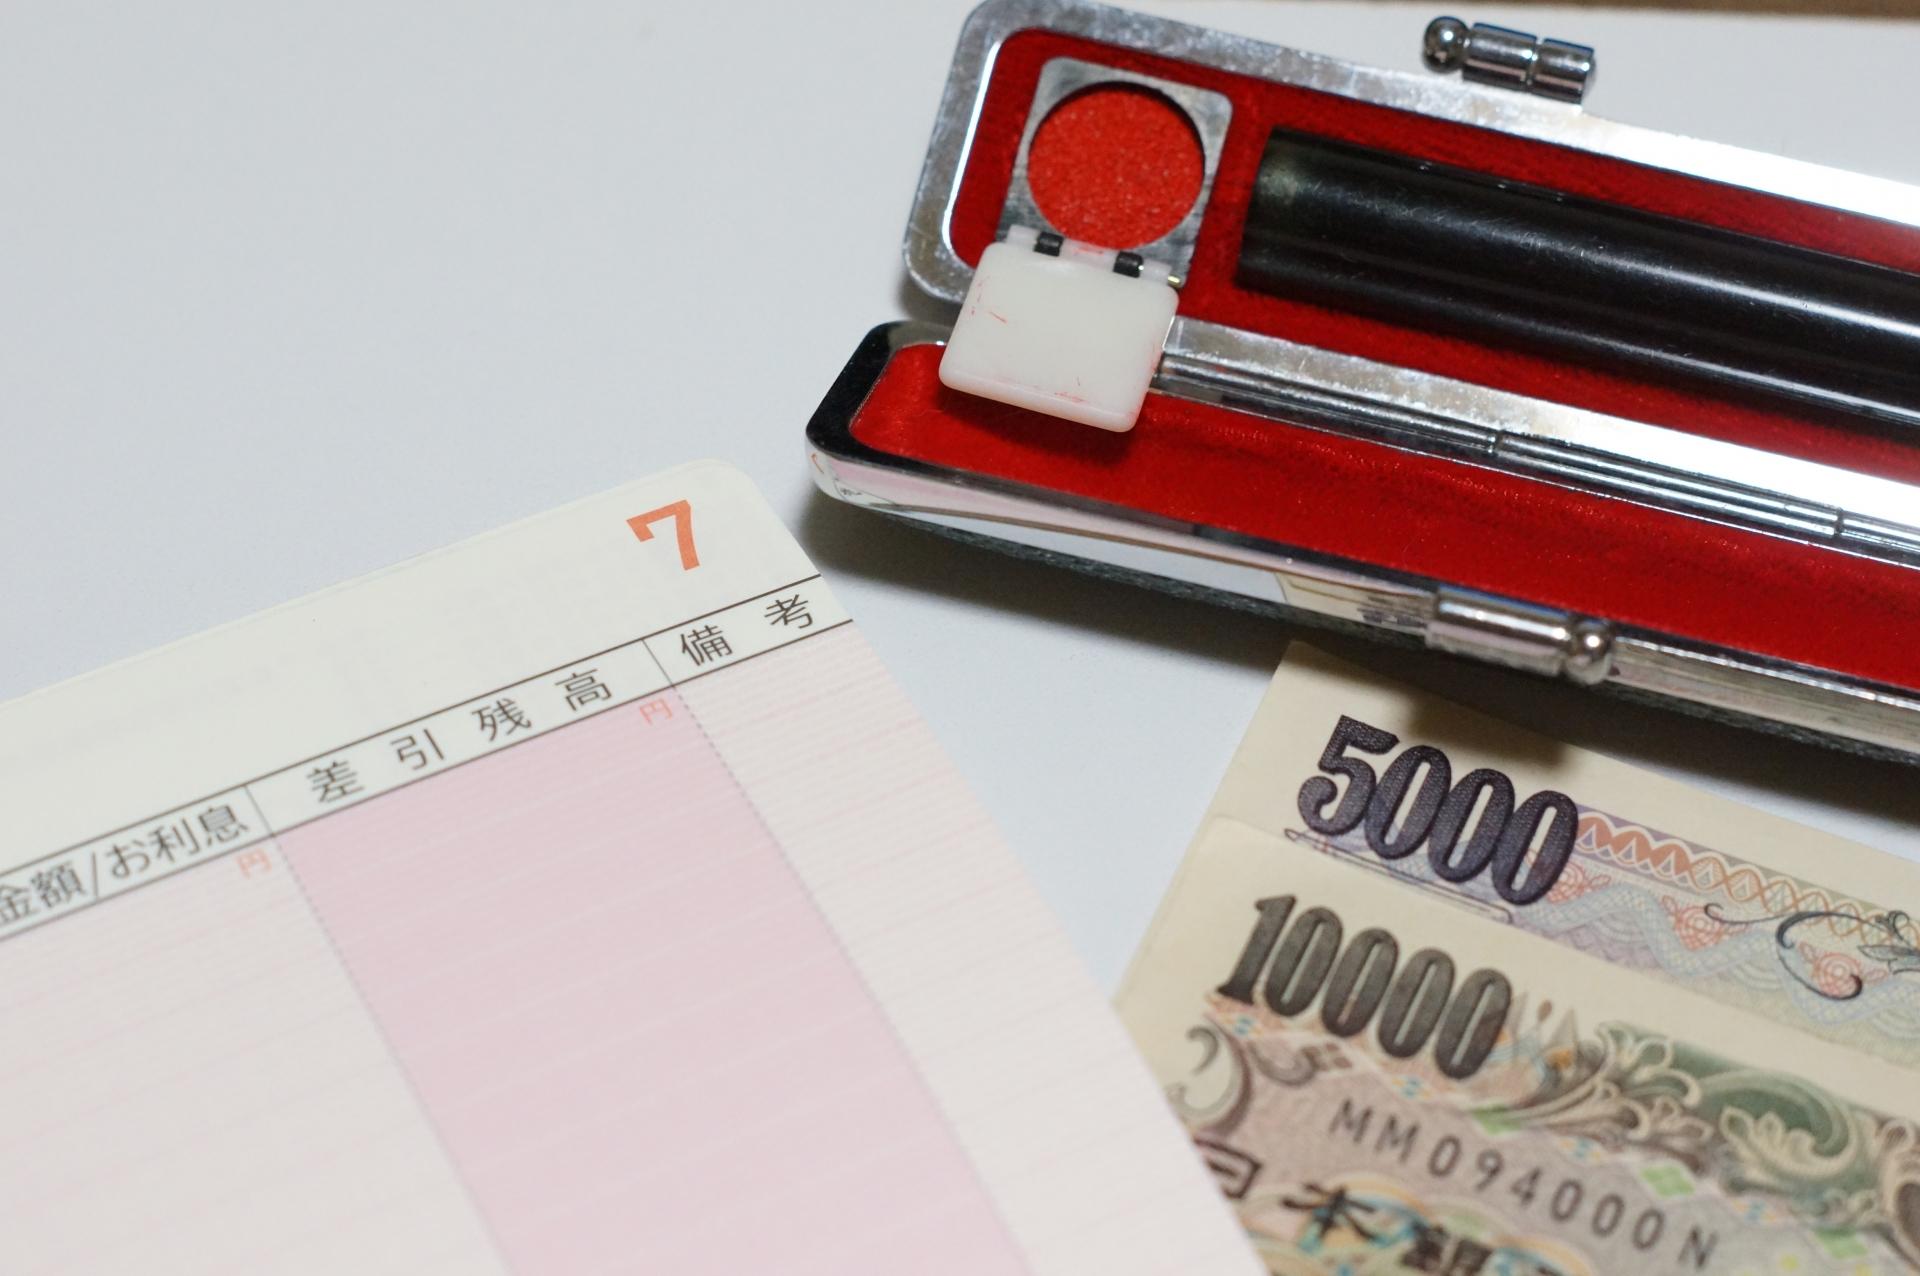 【医学部受験】予備校の費用はどれくらいかかる?相場や費用を抑える方法を解説!